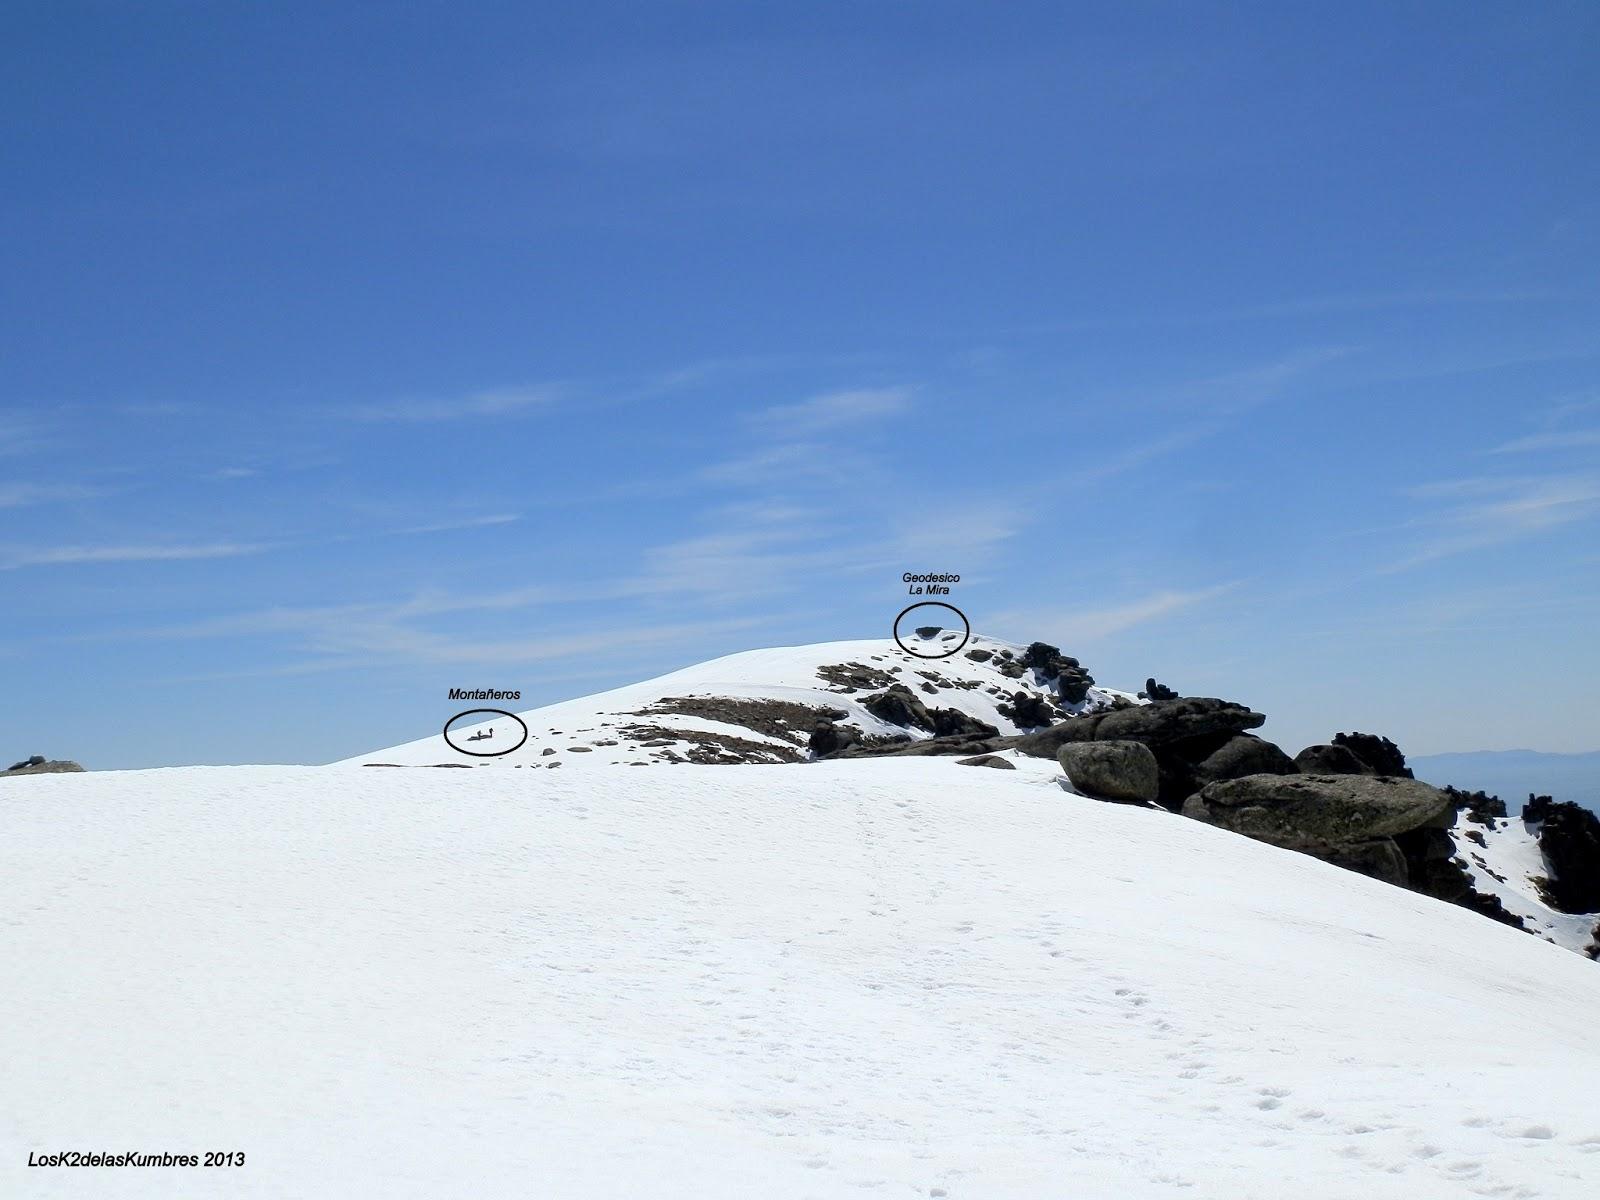 El Pico La Mira